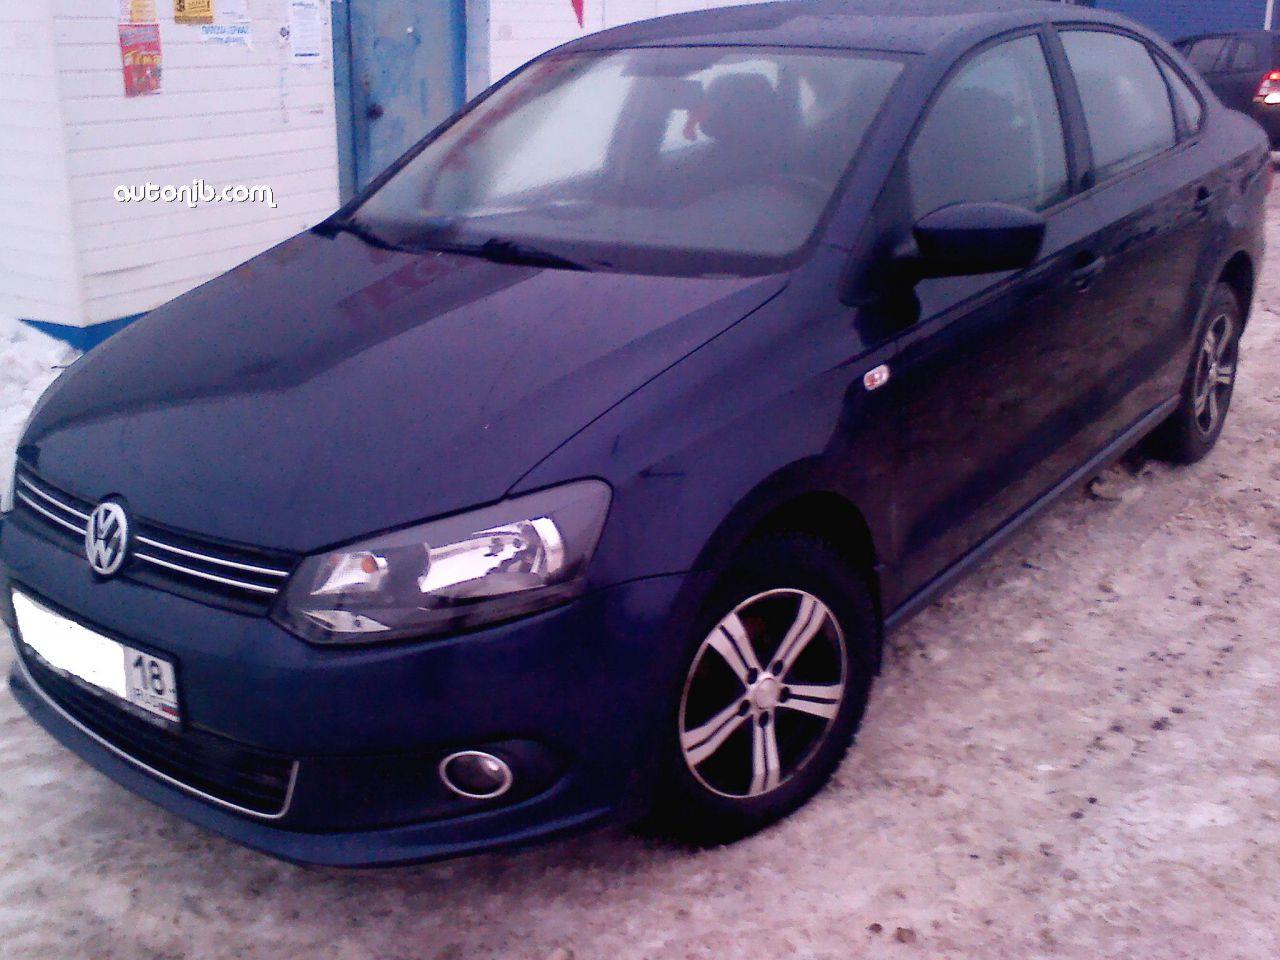 Купить Volkswagen Polo 2011 года в городе Игра